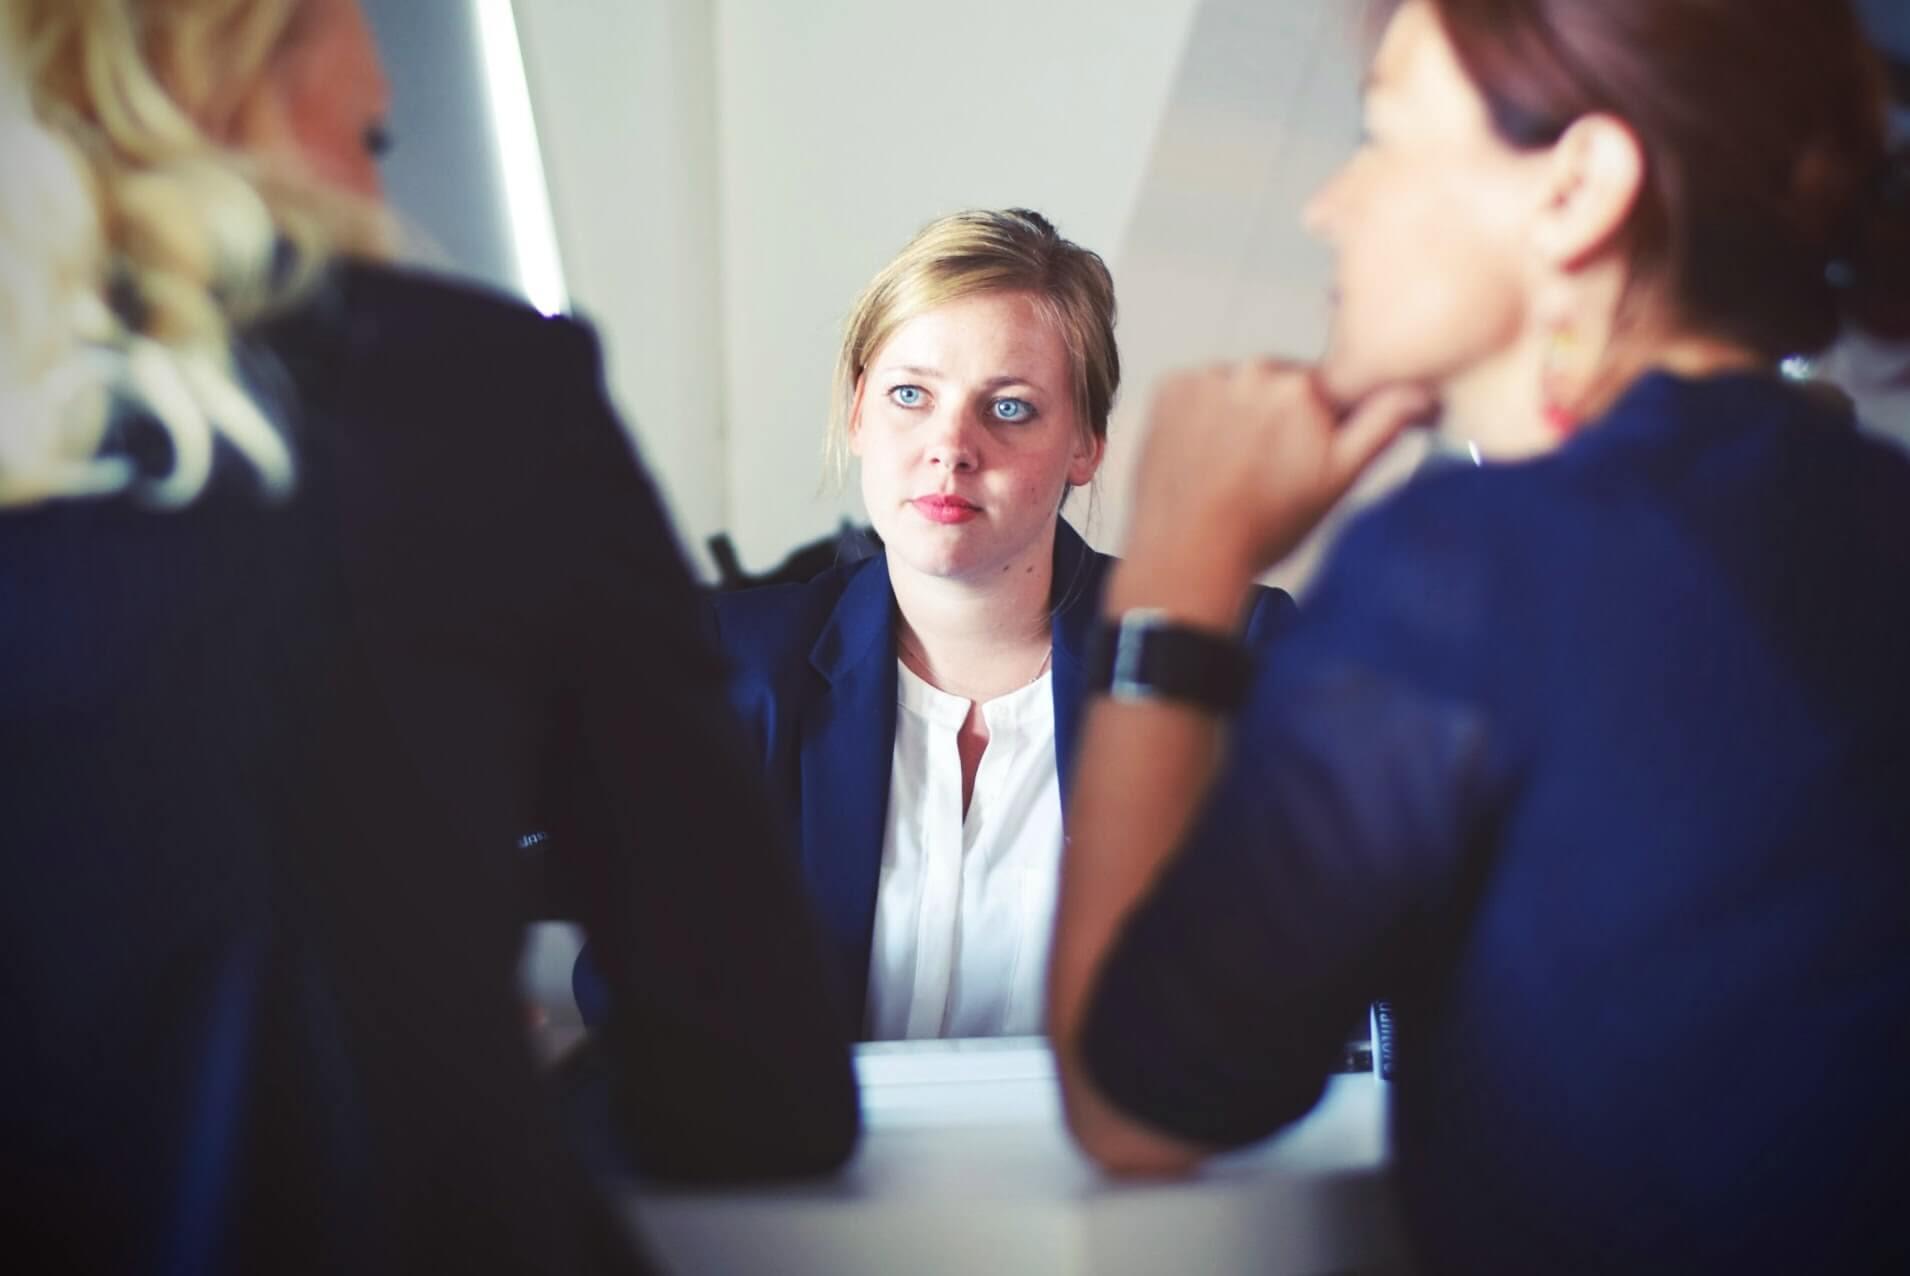 ストレスでどうしても仕事を辞めたいなら転職を検討しよう